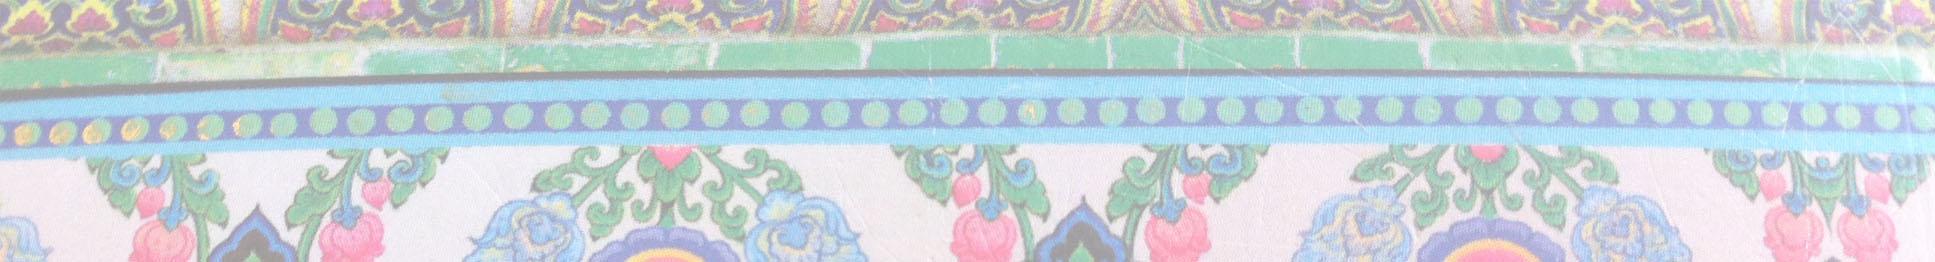 Verschillende lichtgekleurde balken met ornamenten in groen, roze, blauw